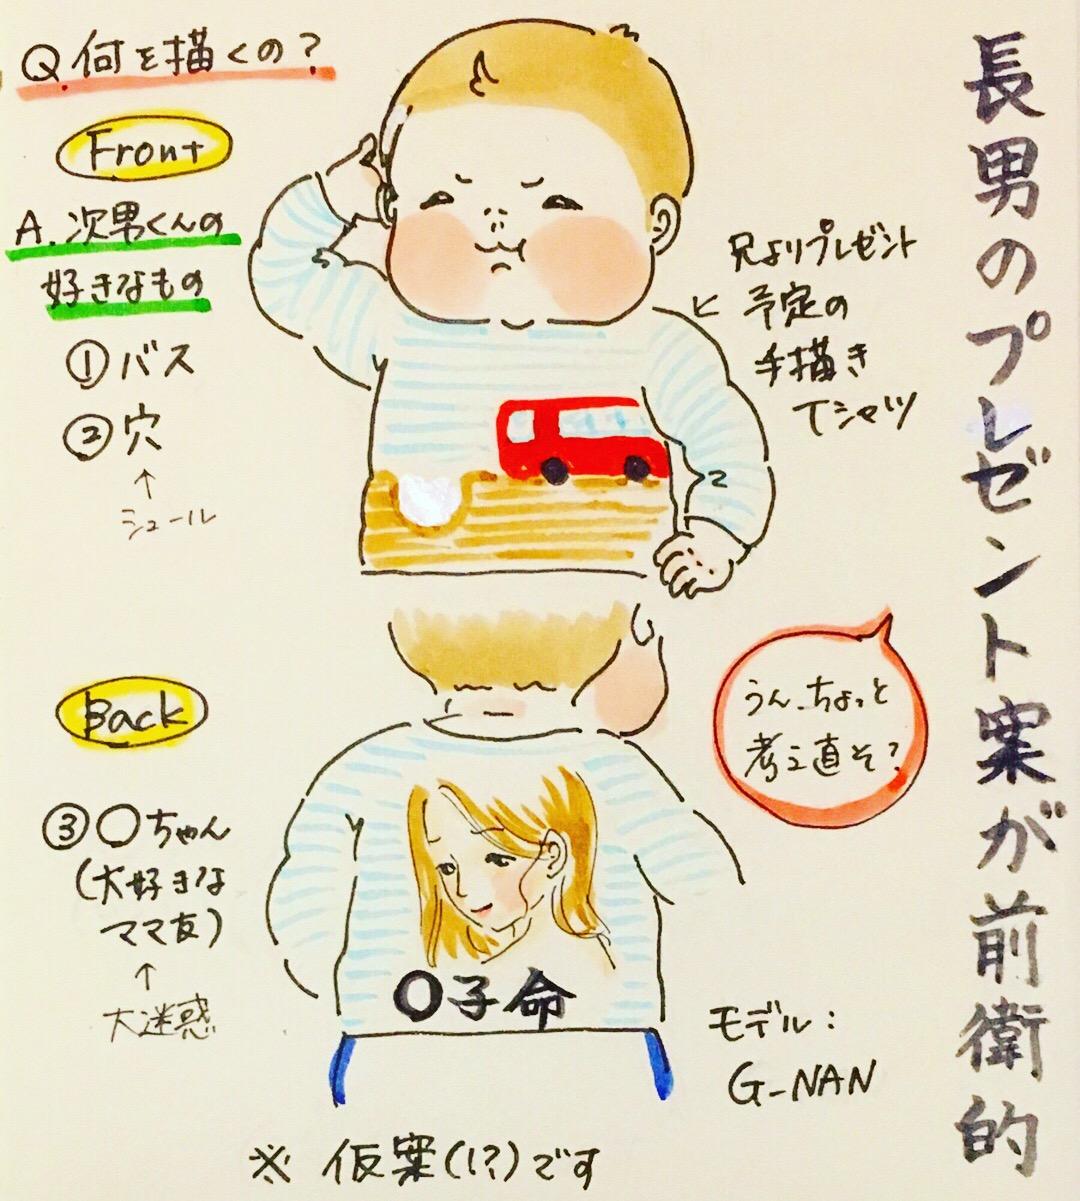 脱・男児の洋服マンネリ化。手作り手書きTシャツ